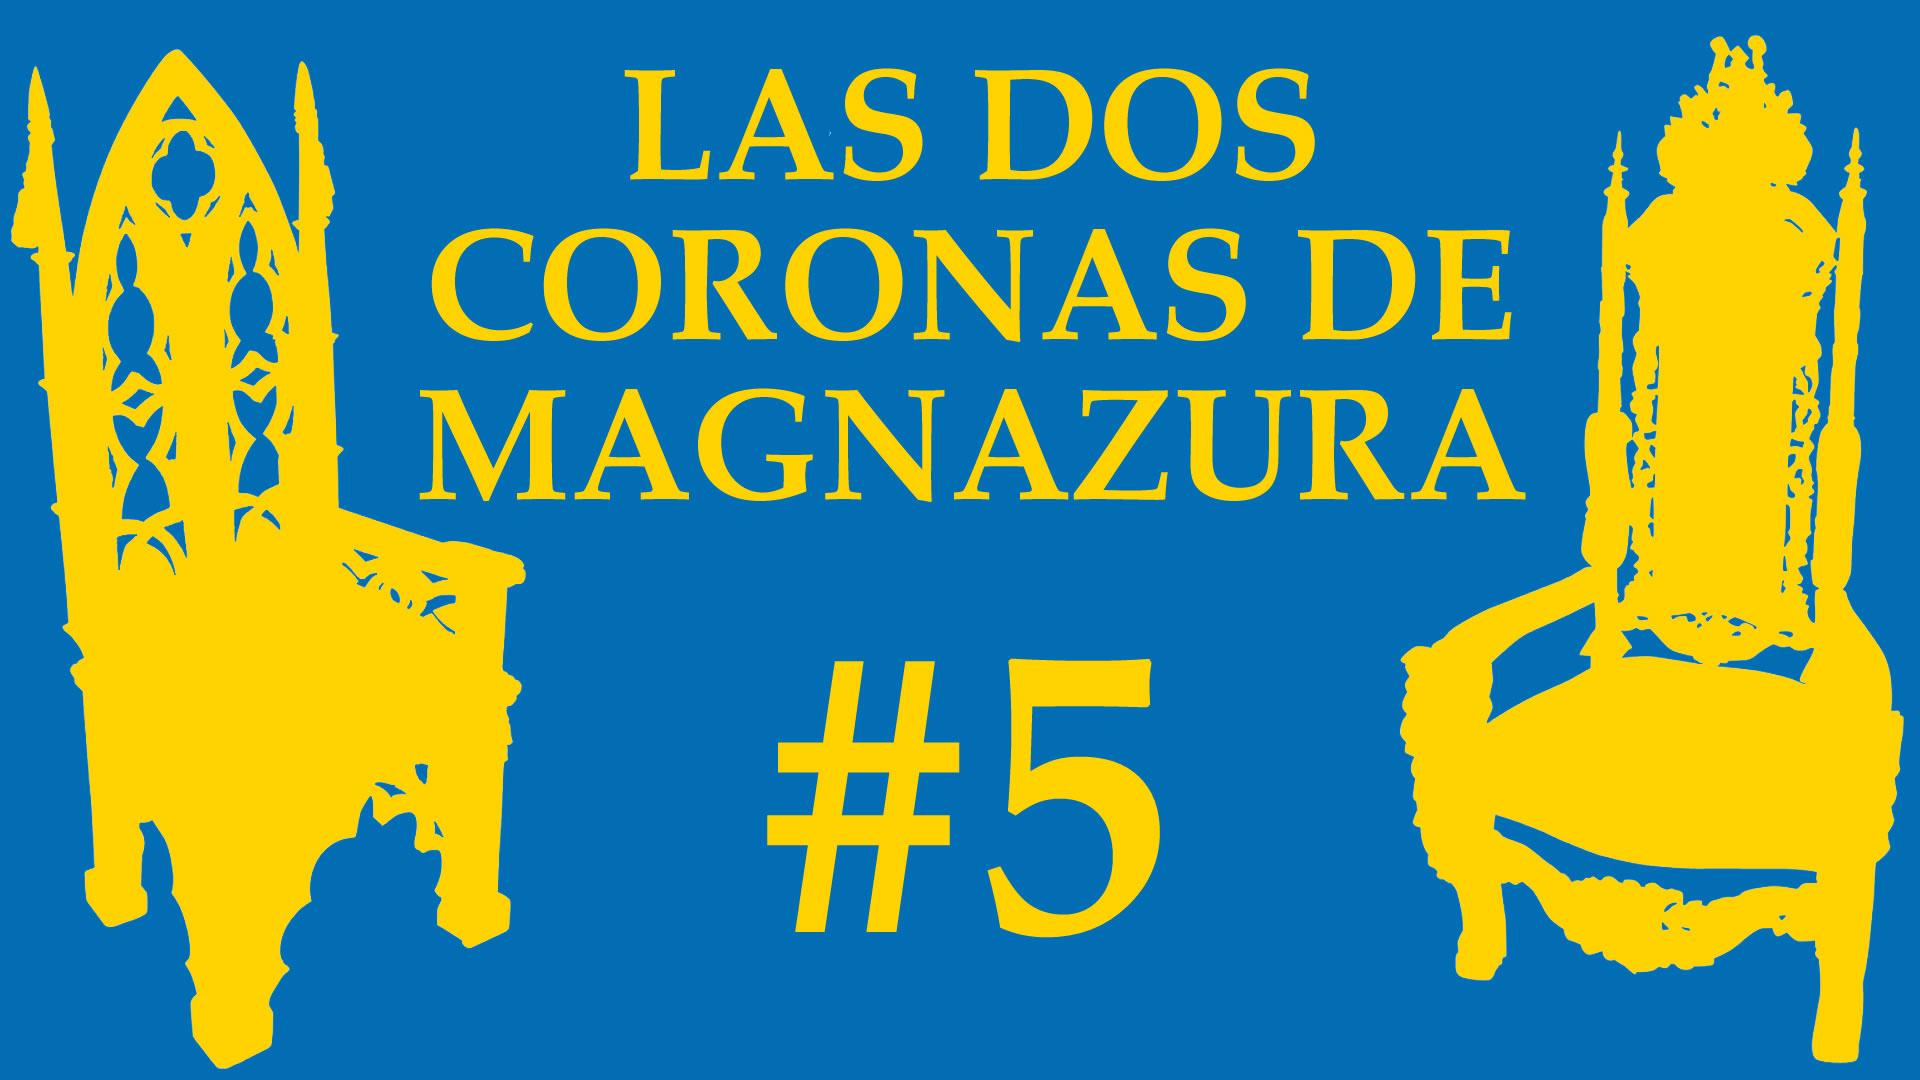 Las Dos Coronas de Magnazura #5 Magnazura